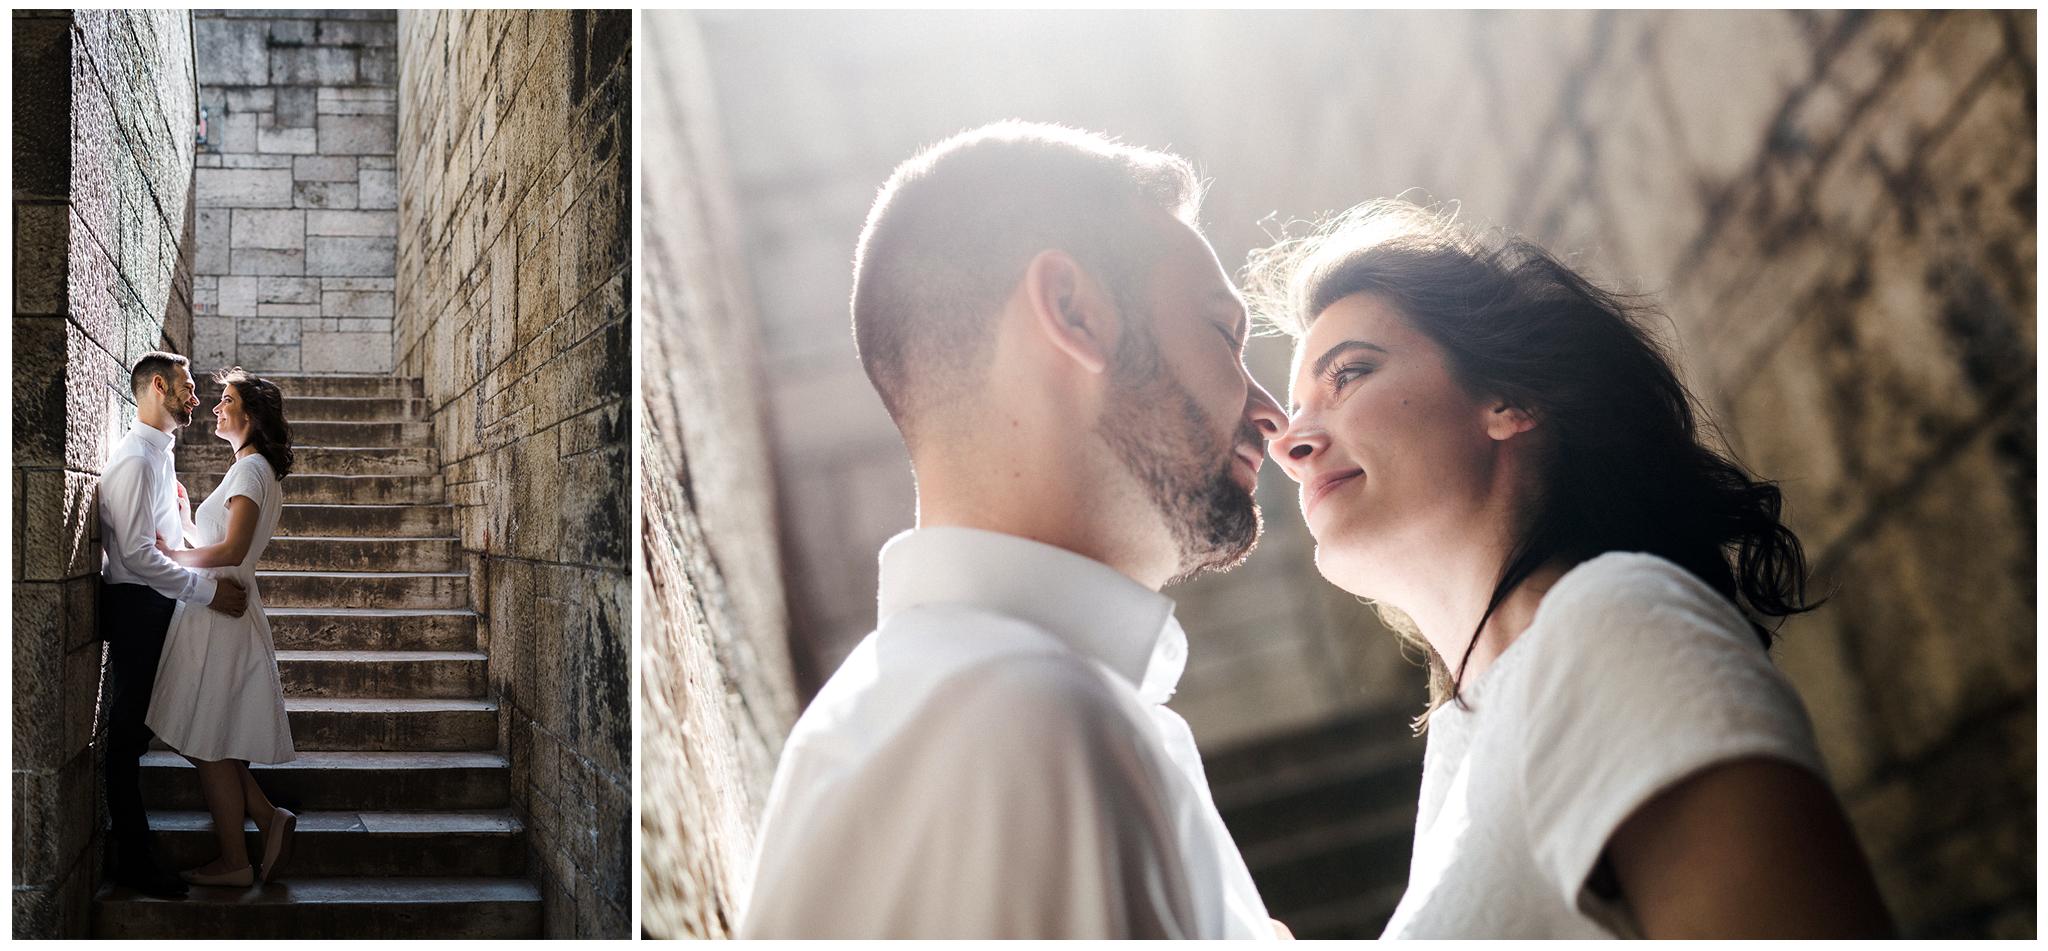 MONT_FylepPhoto, Esküvőfotós Vasmegye, Esküvő fotózás, Esküvői fotós, Körmend, Vas megye, Dunántúl, Budapest, Fülöp Péter, Jegyes fotózás, jegyesfotó_Ramona&Marci,2018_008.jpg